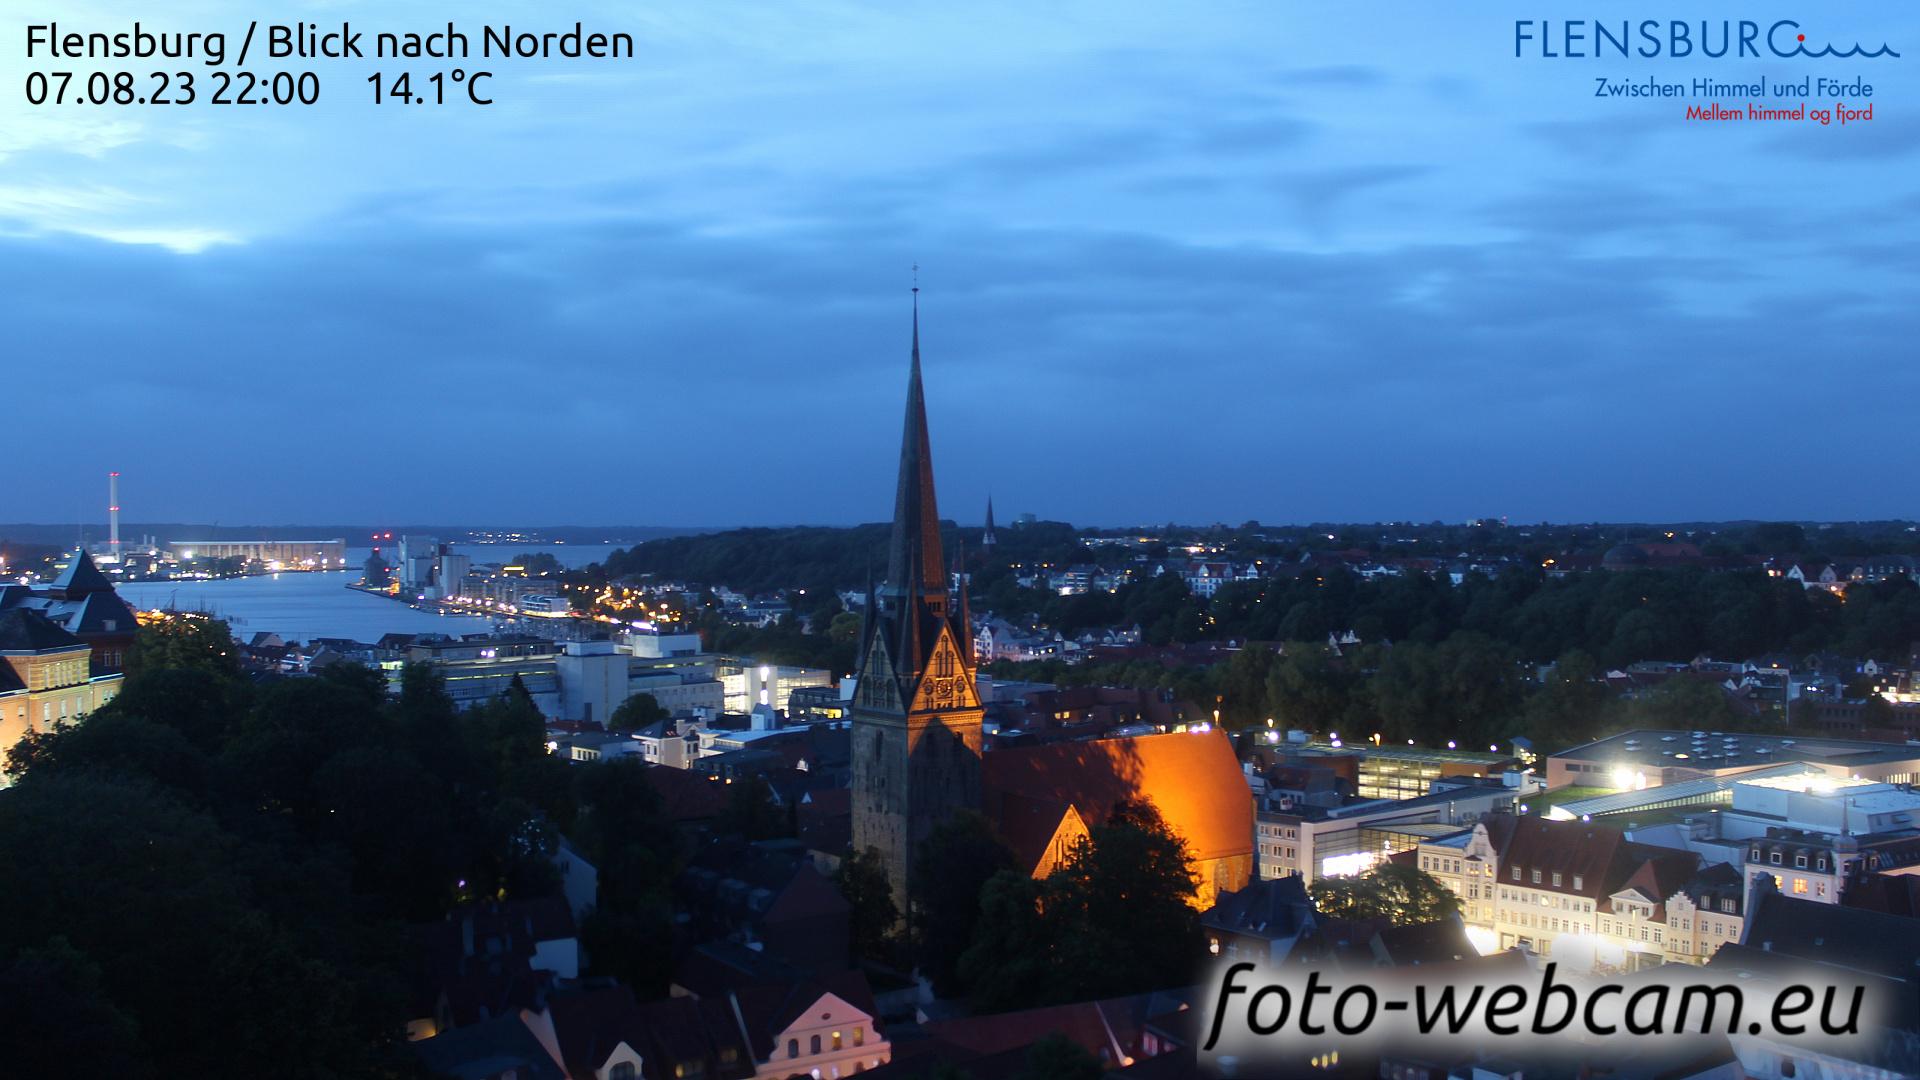 Web Cam Flensburg